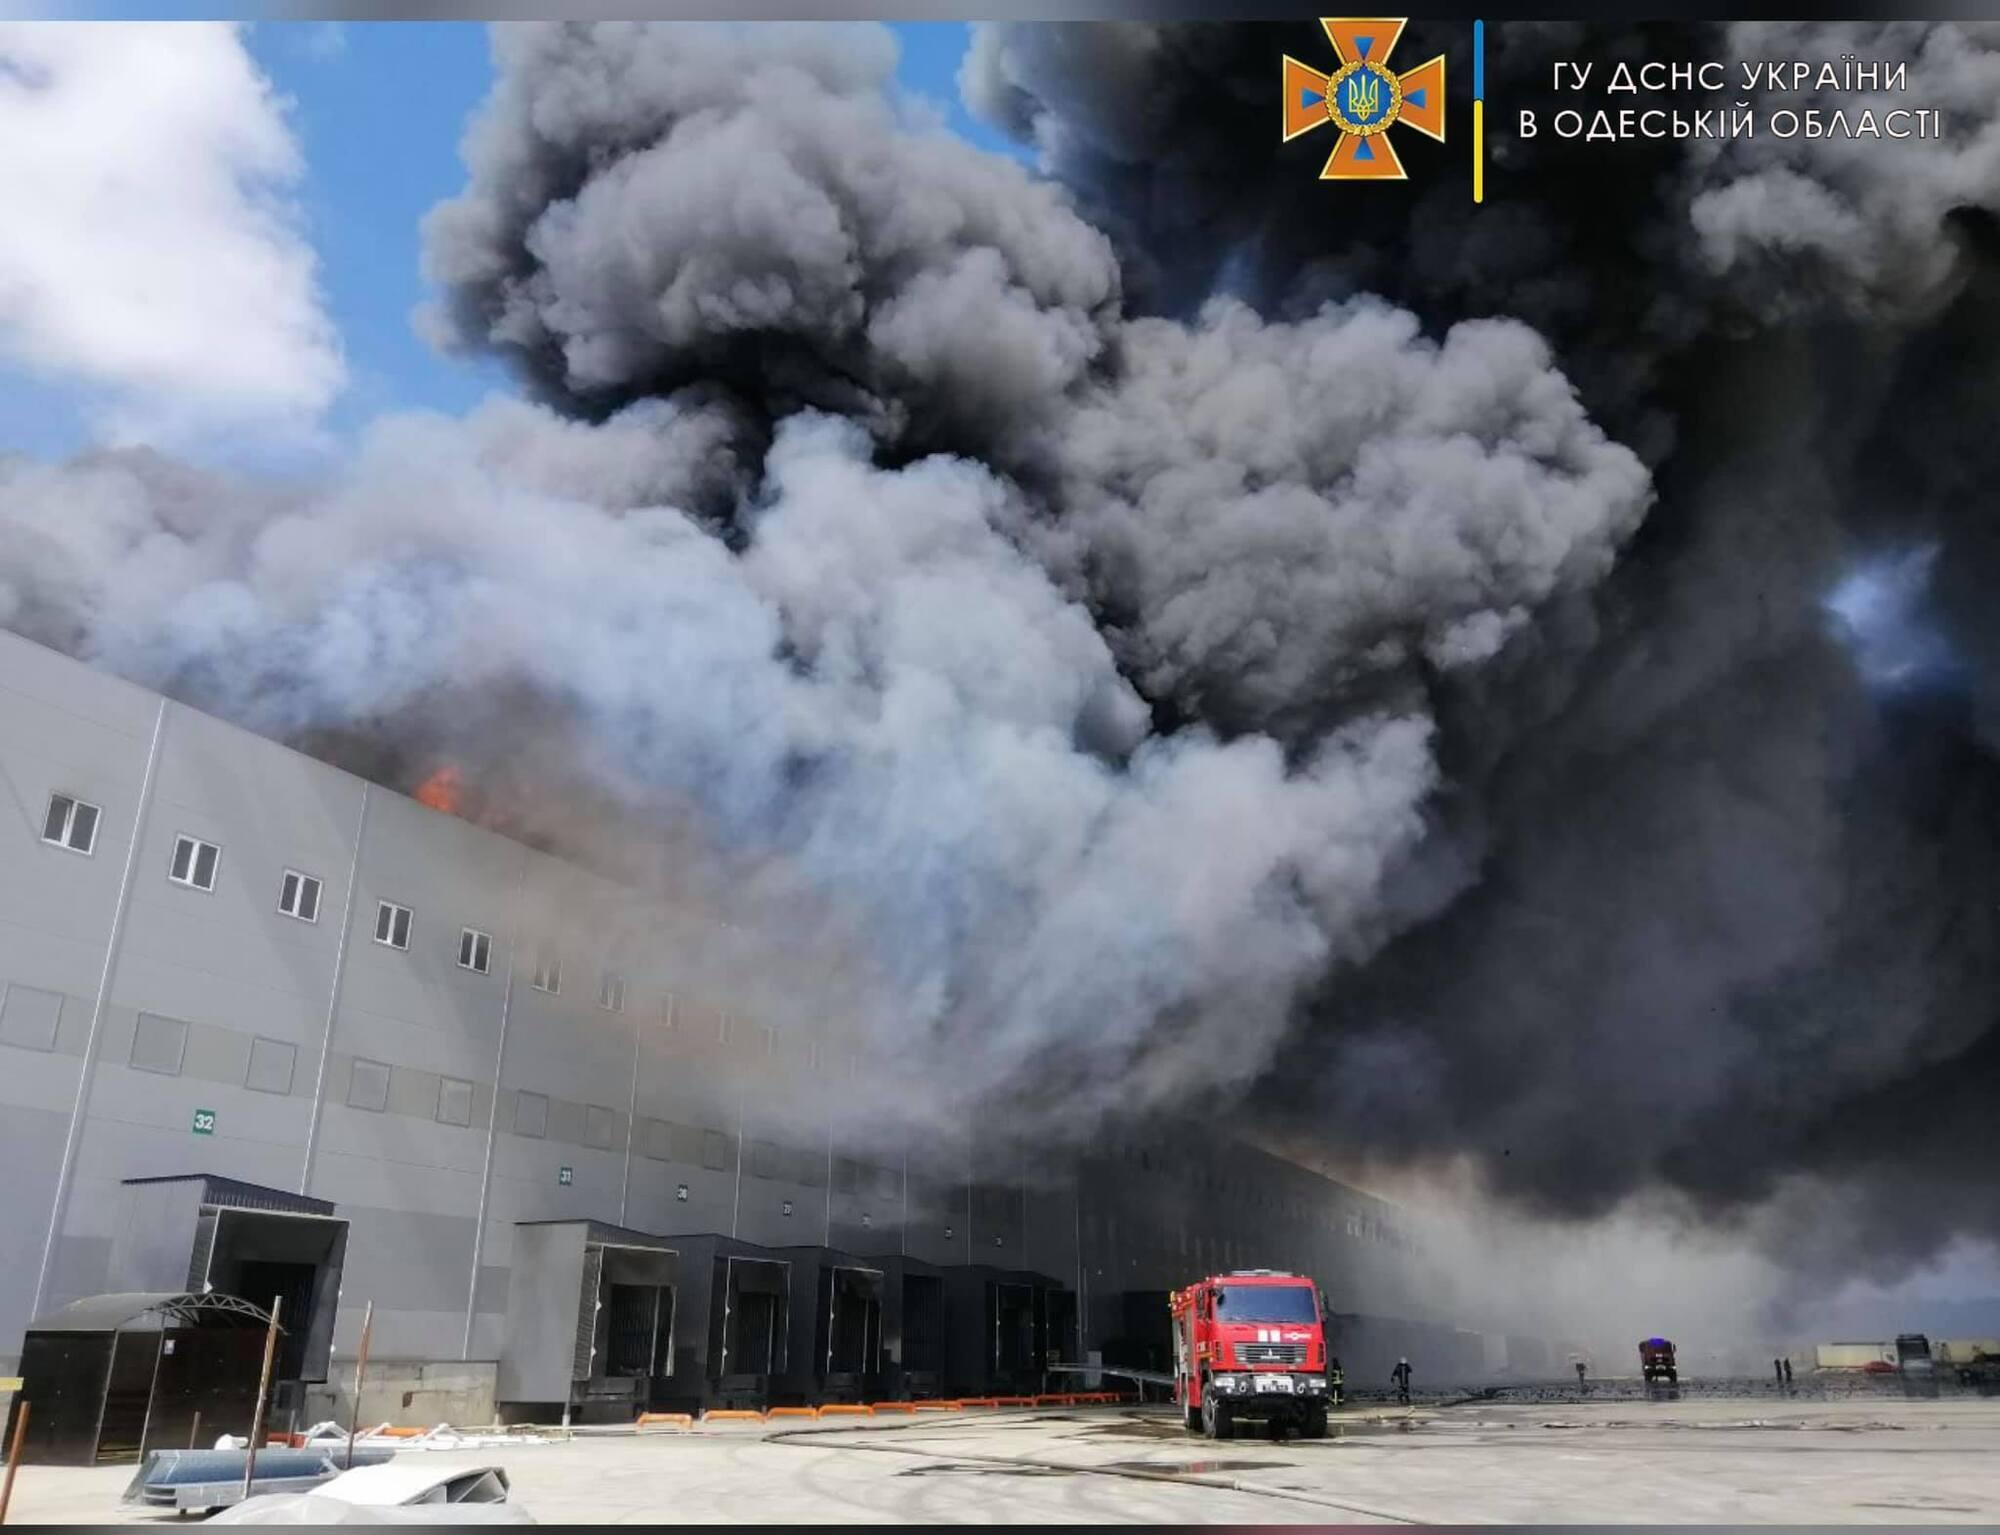 Масштабный пожар на складах.